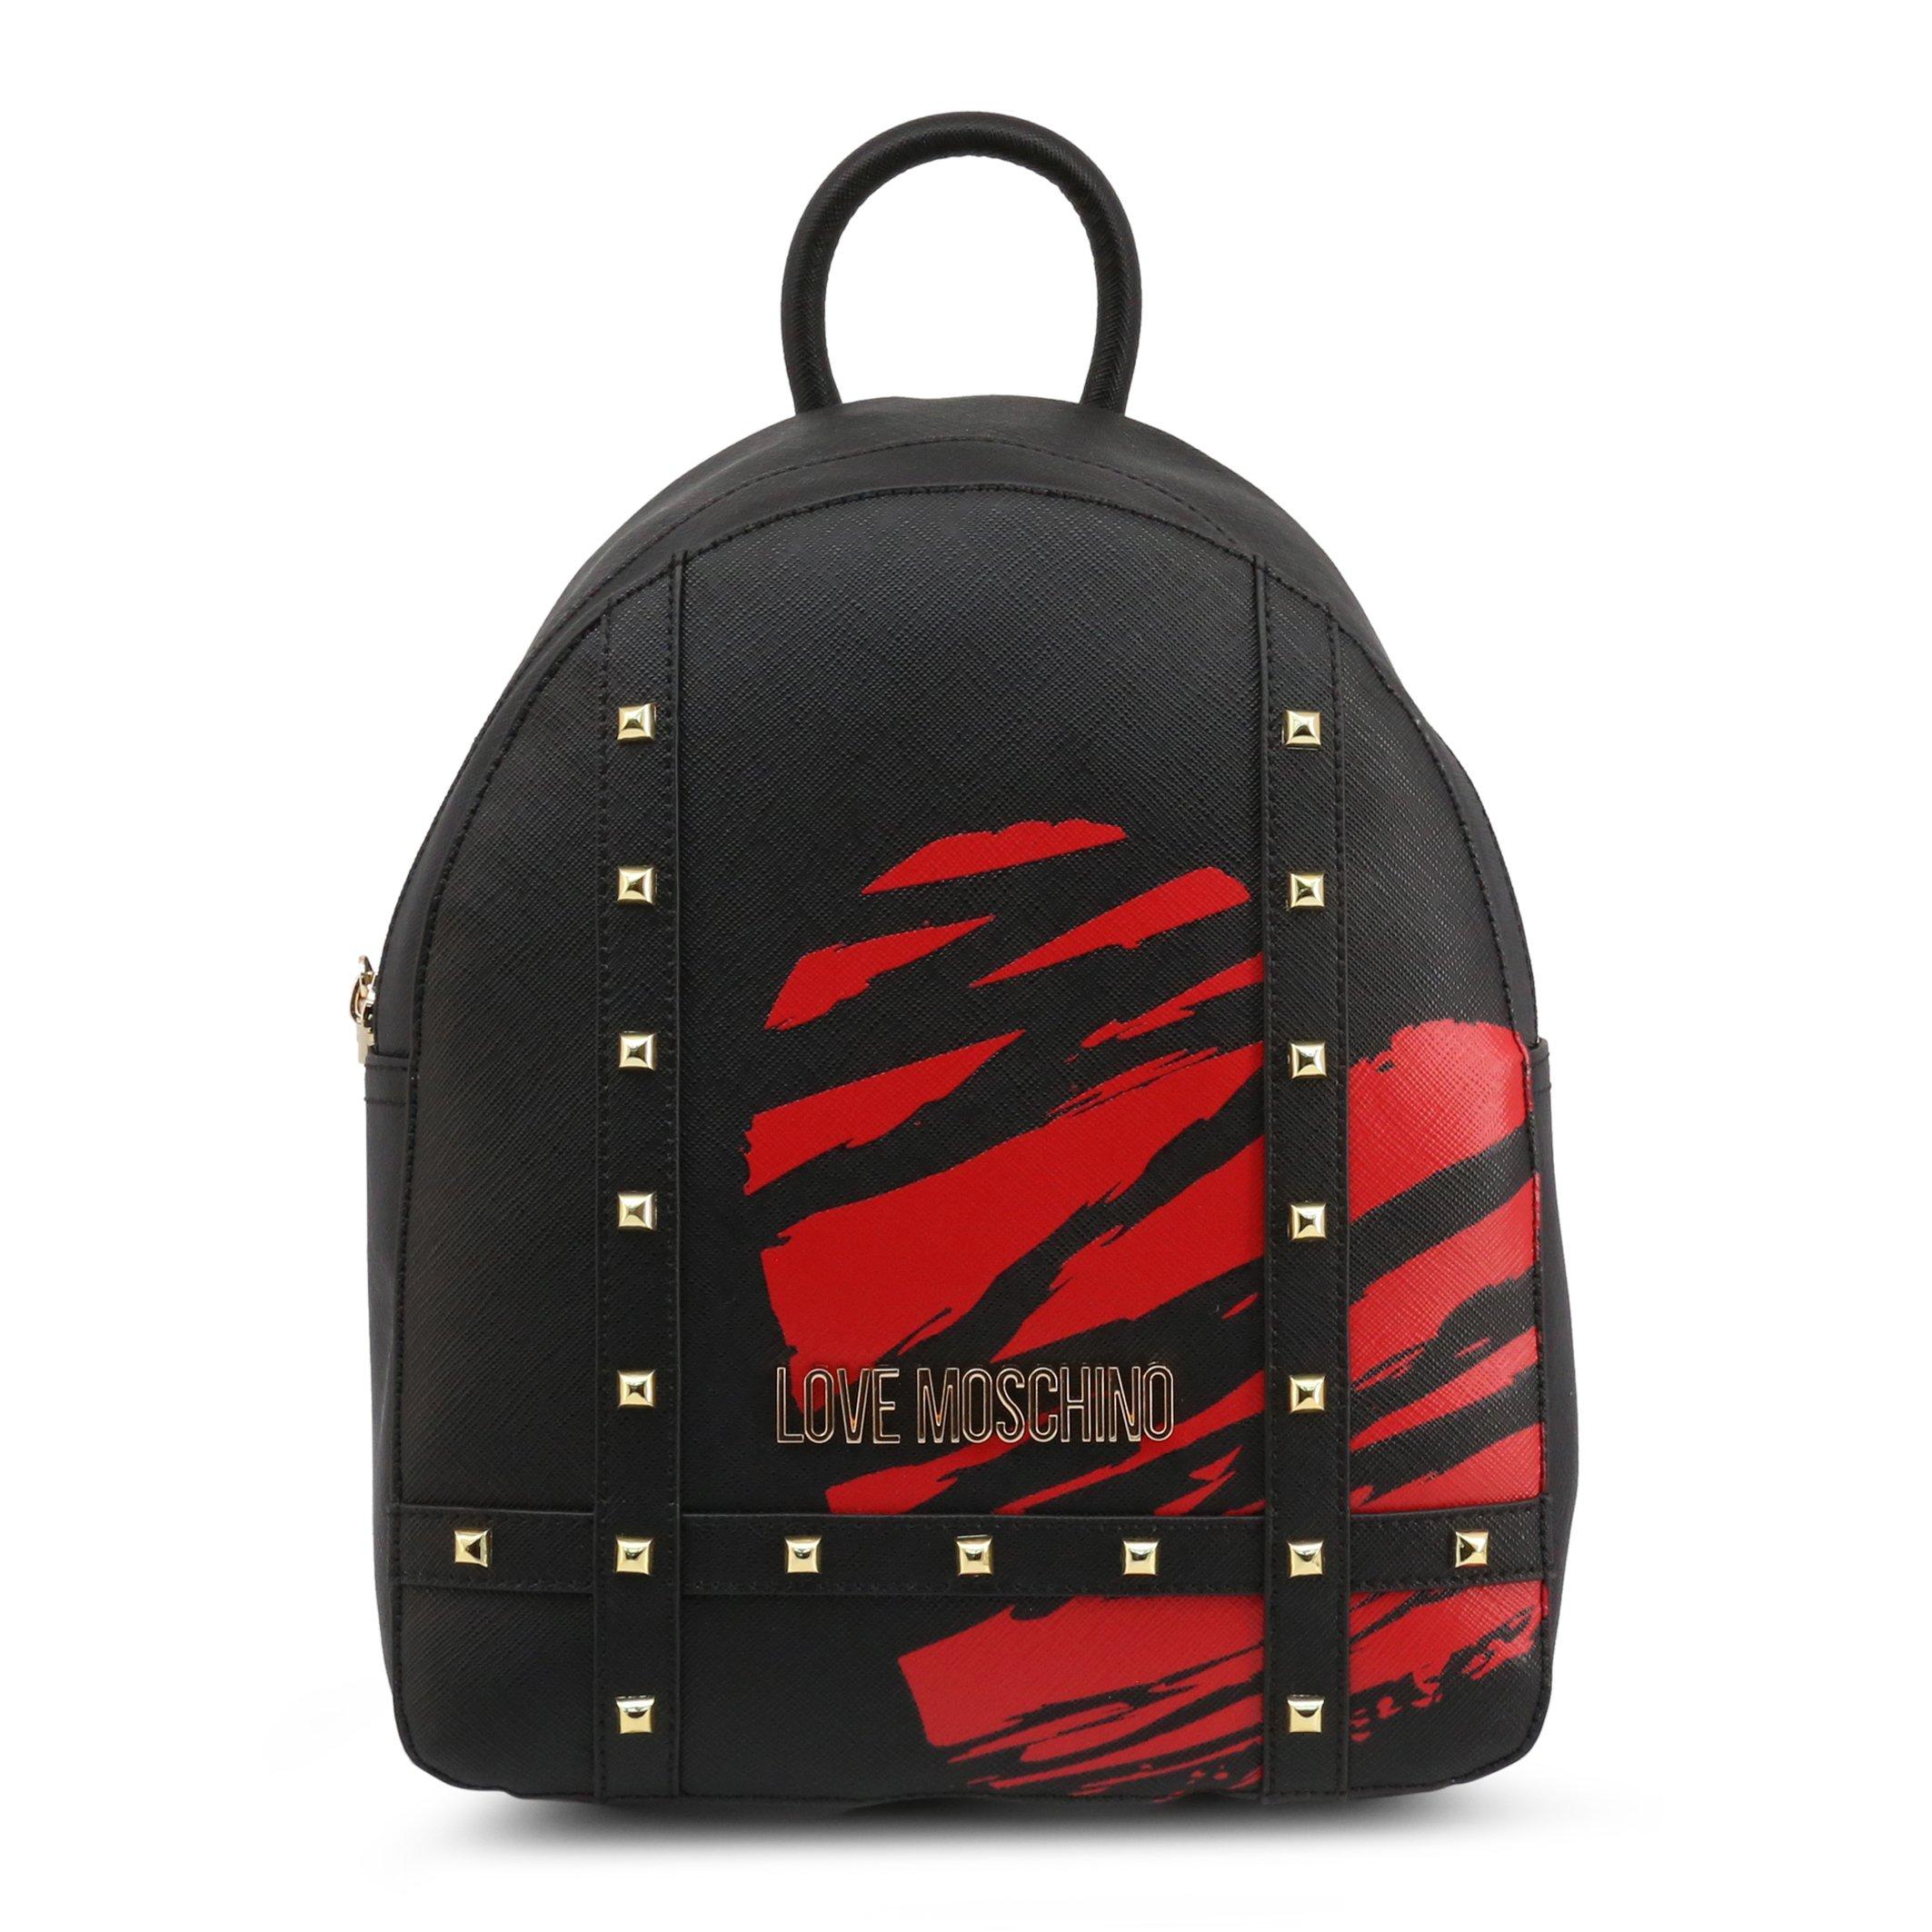 Love Moschino Women's Backpack Black JC4077PP1CLG1 - black-1 NOSIZE